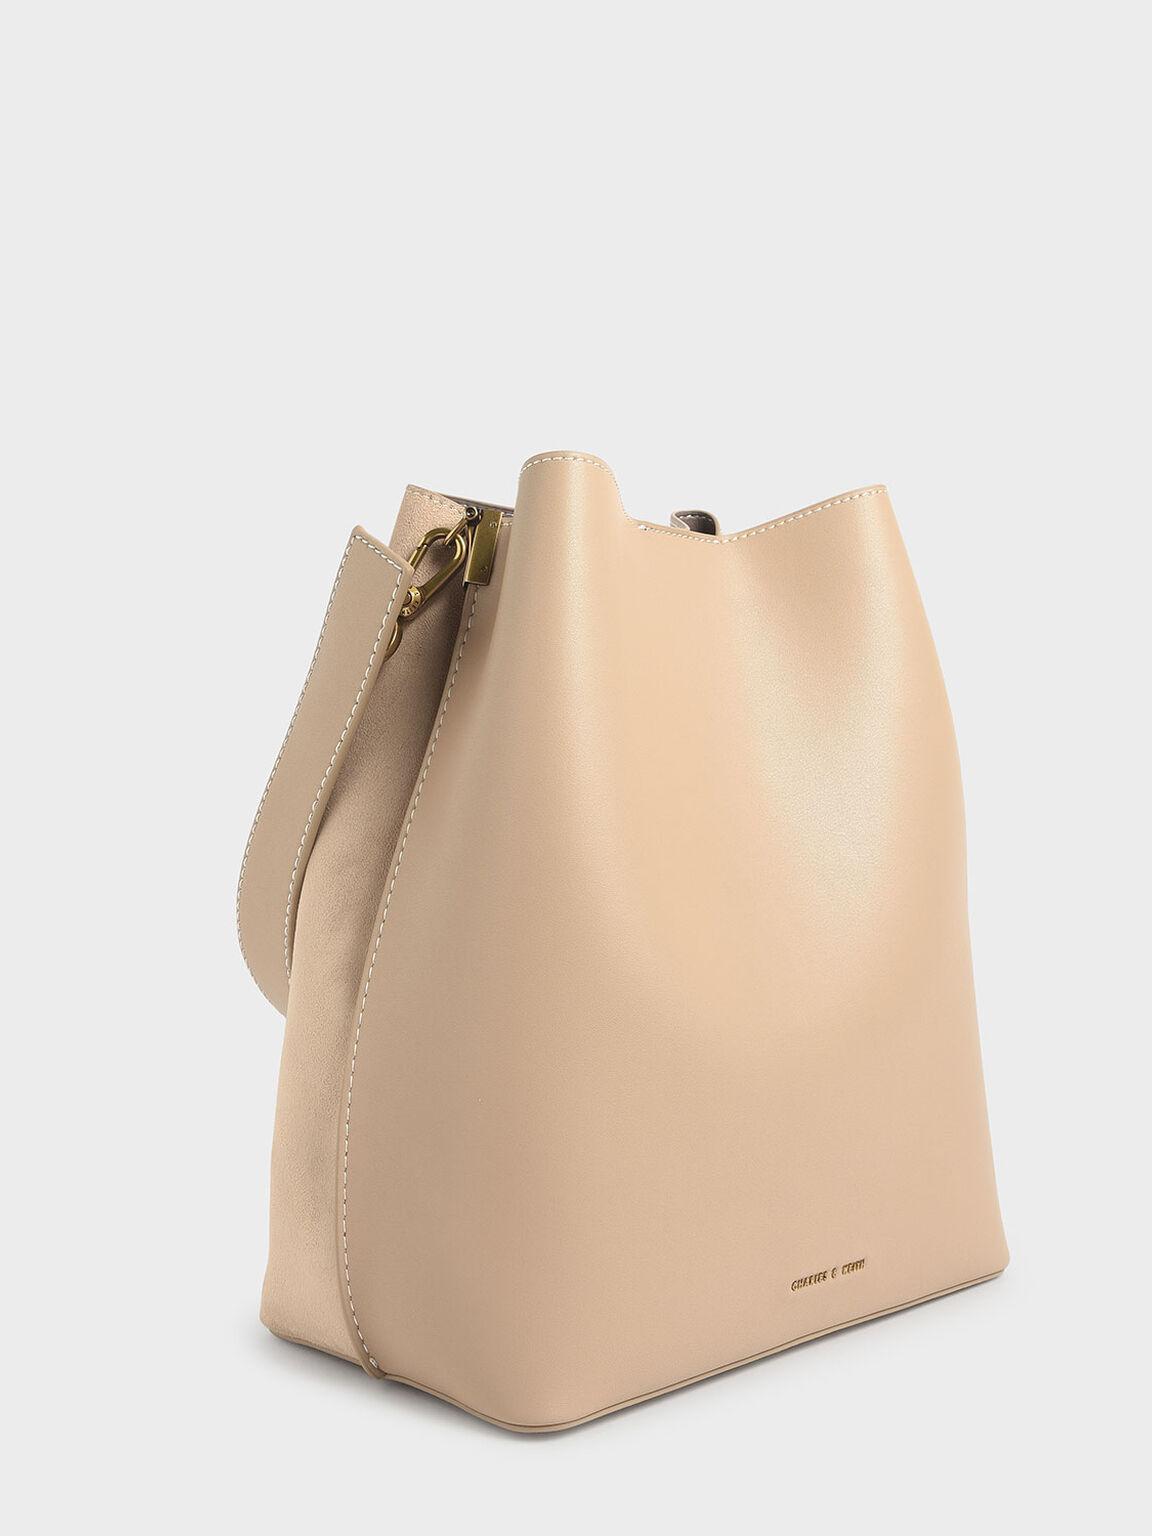 Studded Textured Hobo Bag, Beige, hi-res